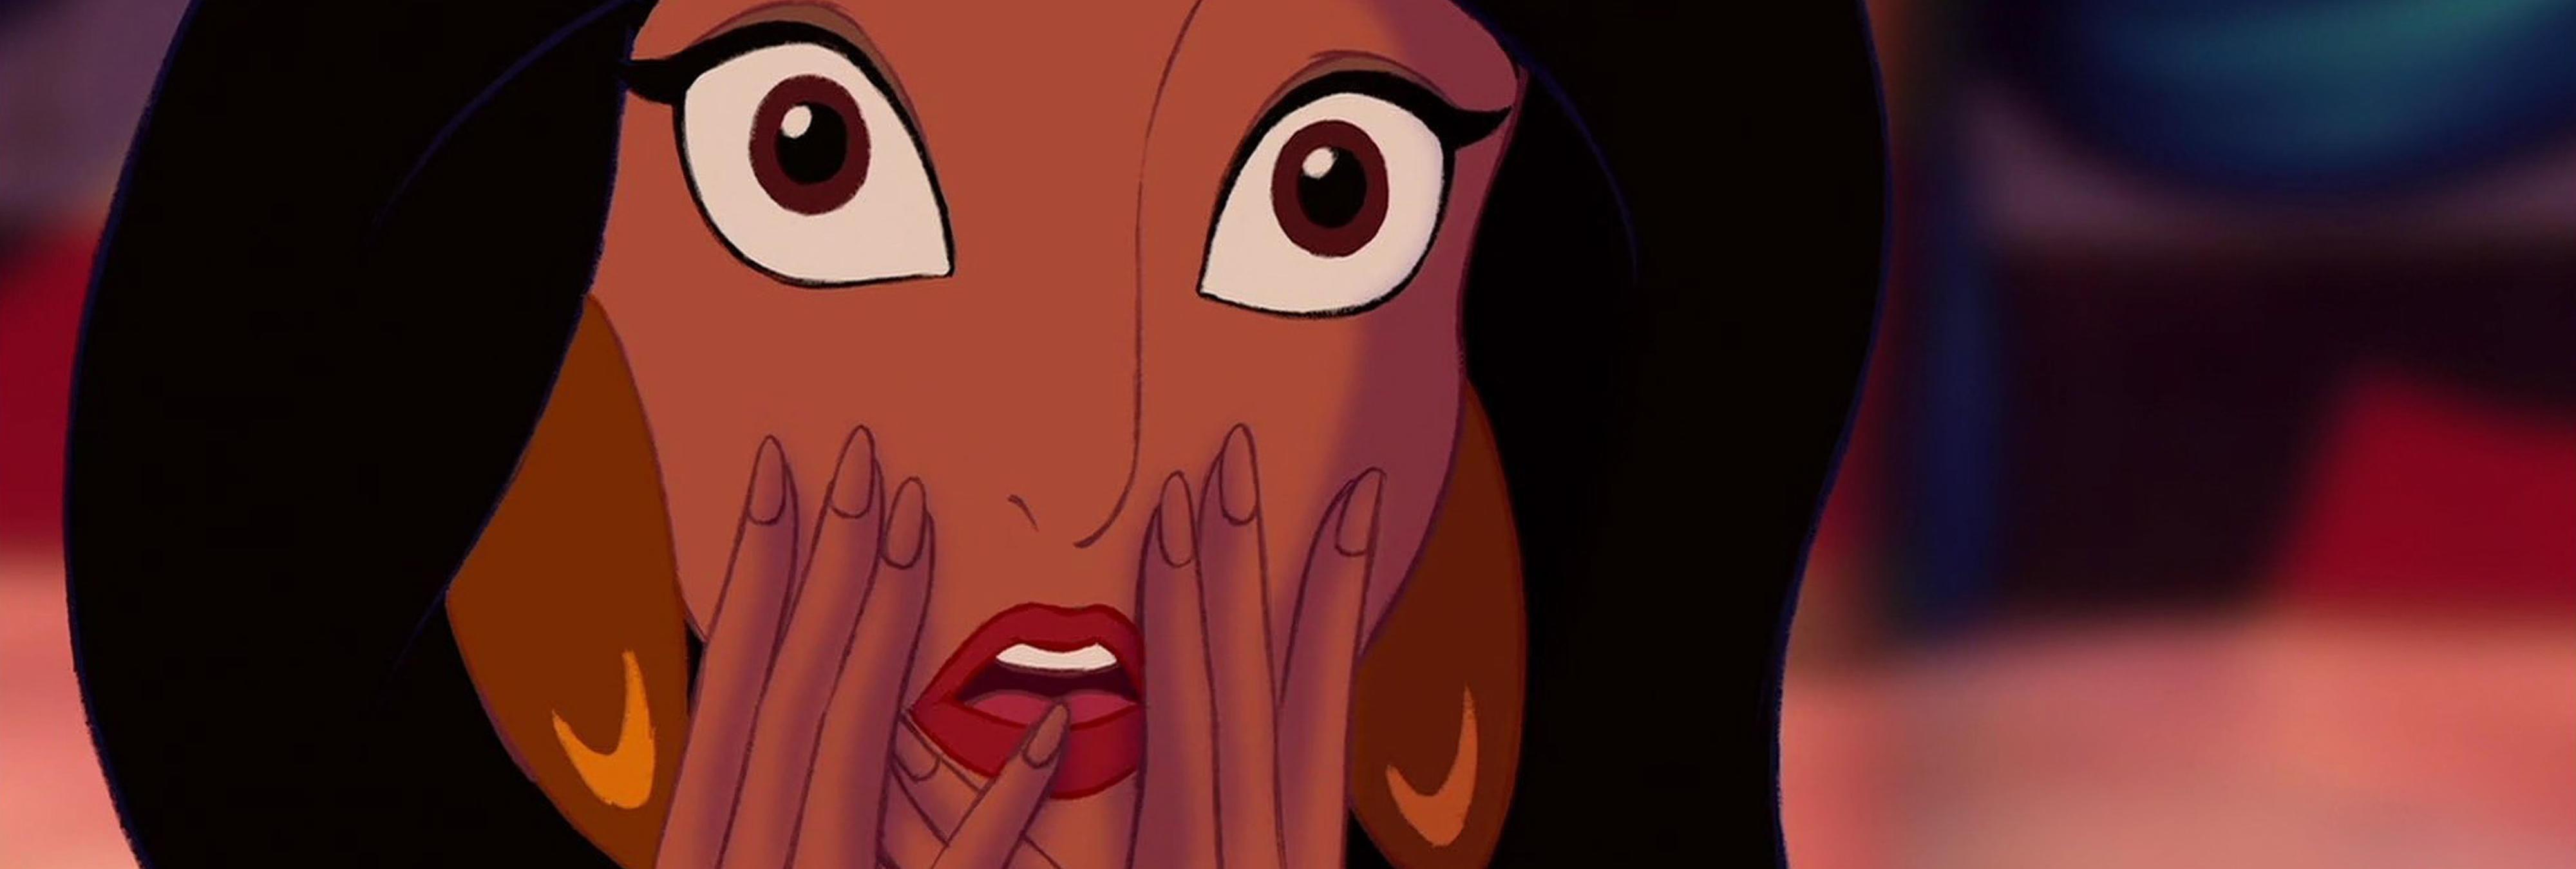 Los príncipes Disney transformados en chulazos semidesnudos... y Nicki Minaj